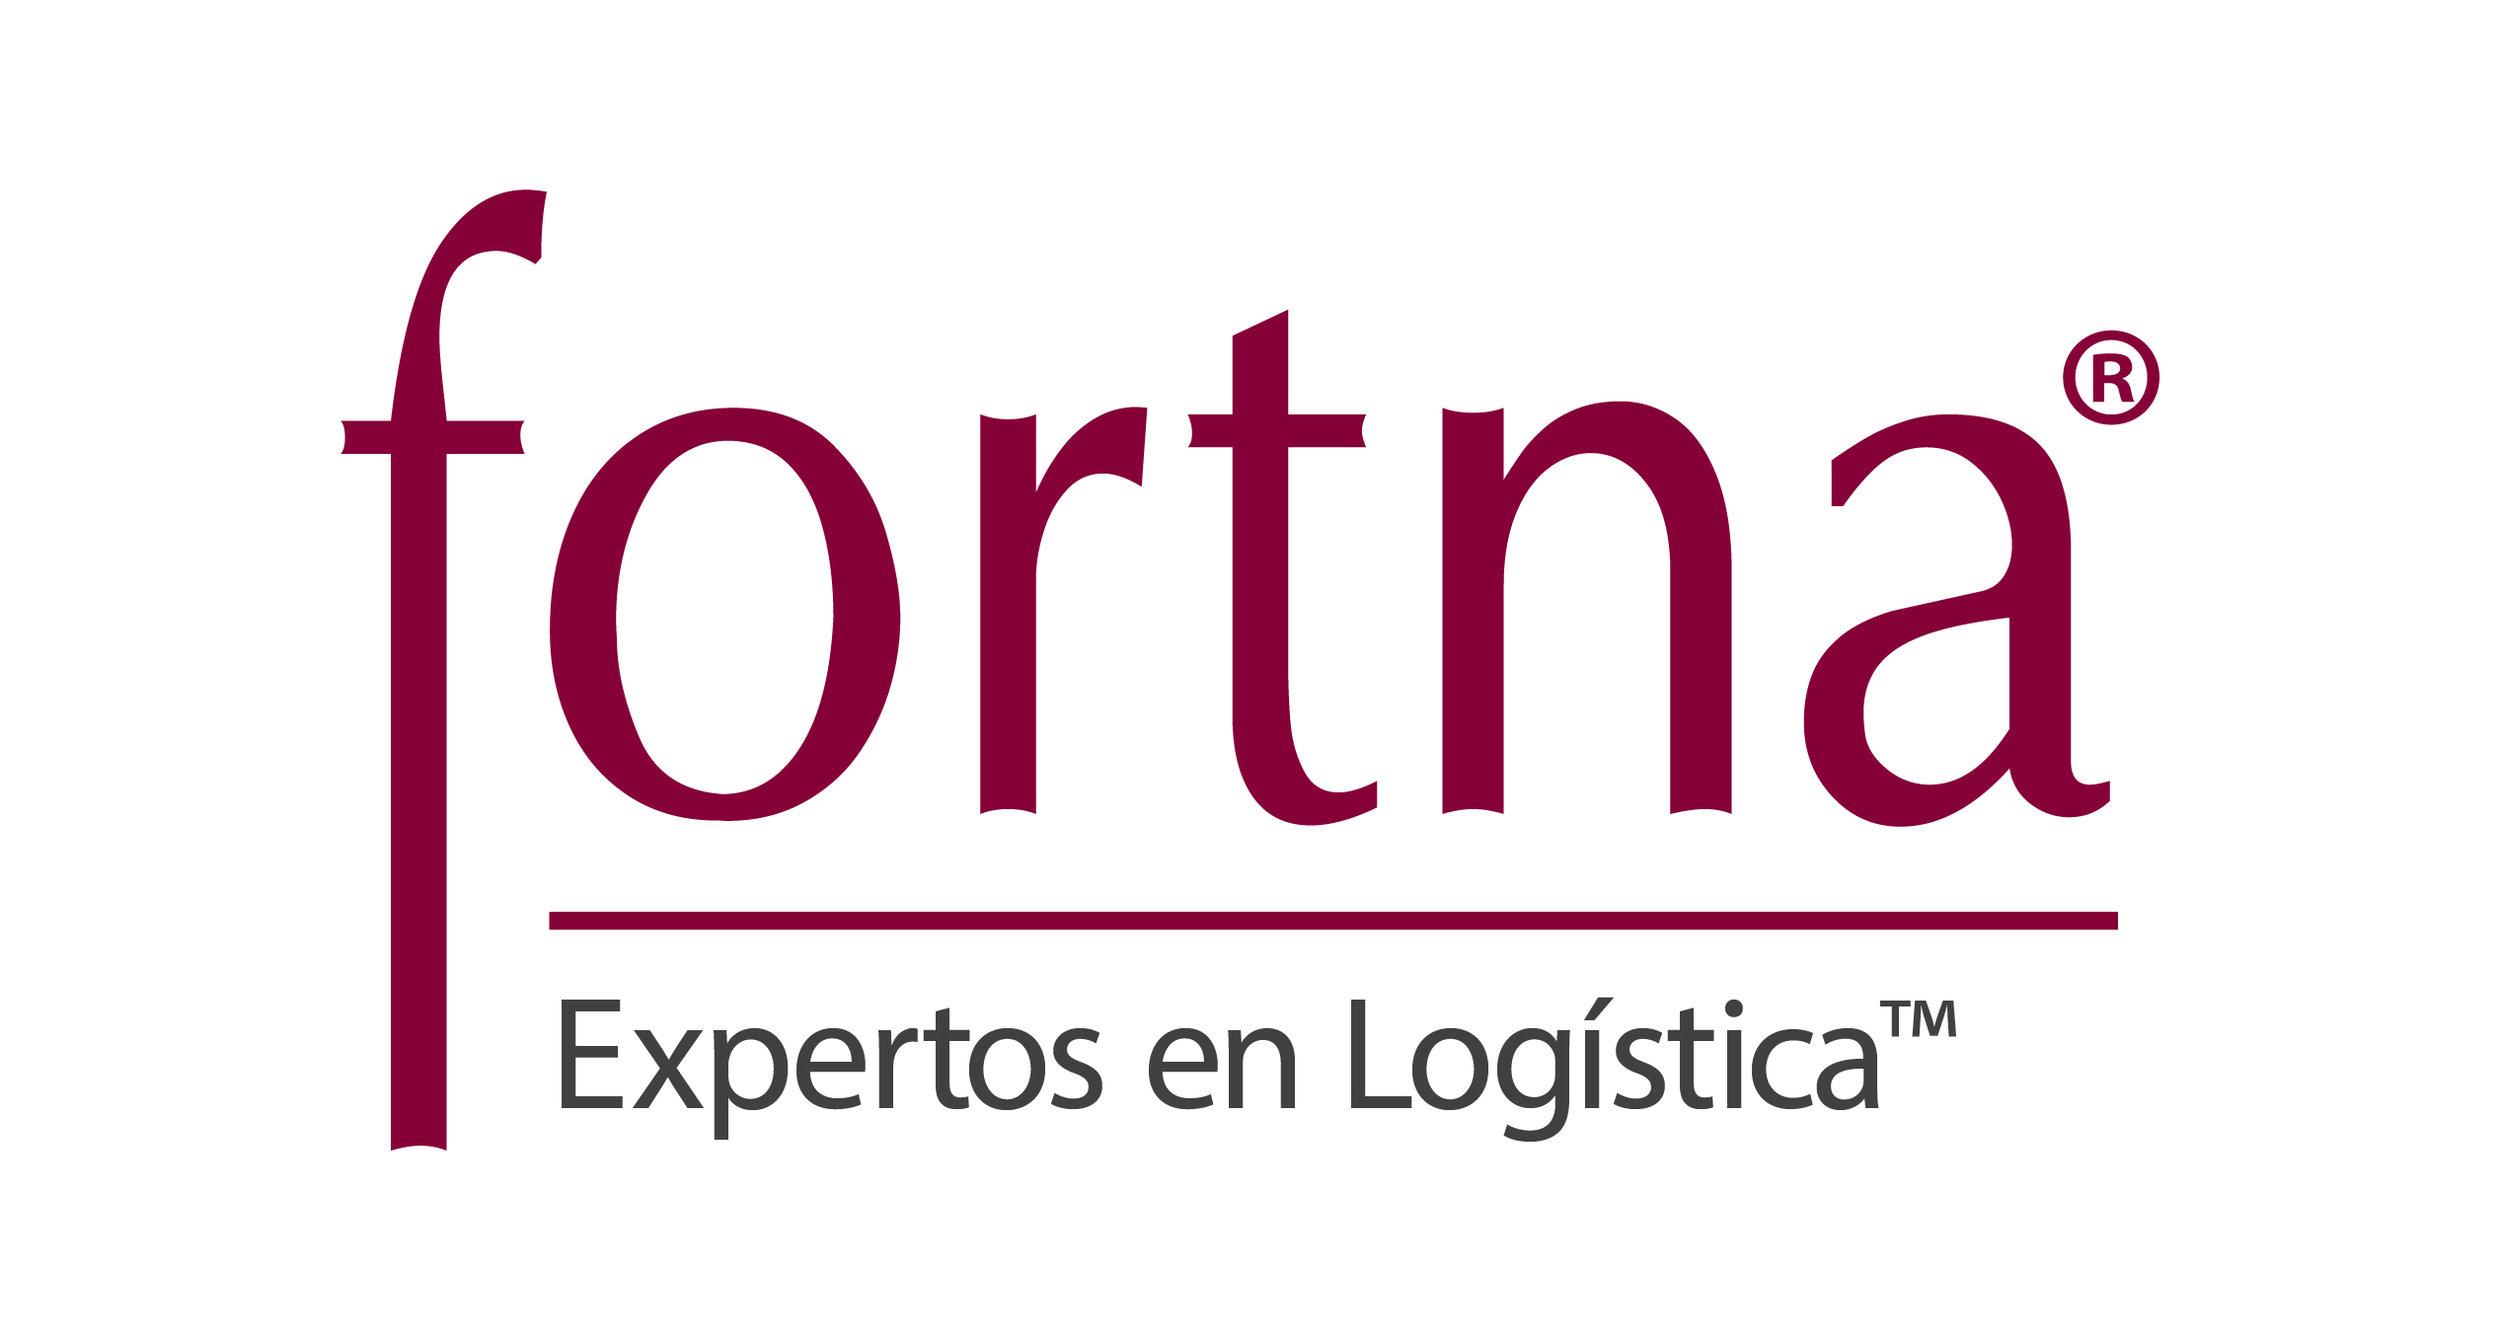 Fortna_Tagline_Spanish_Burgundy(hi-res).jpg